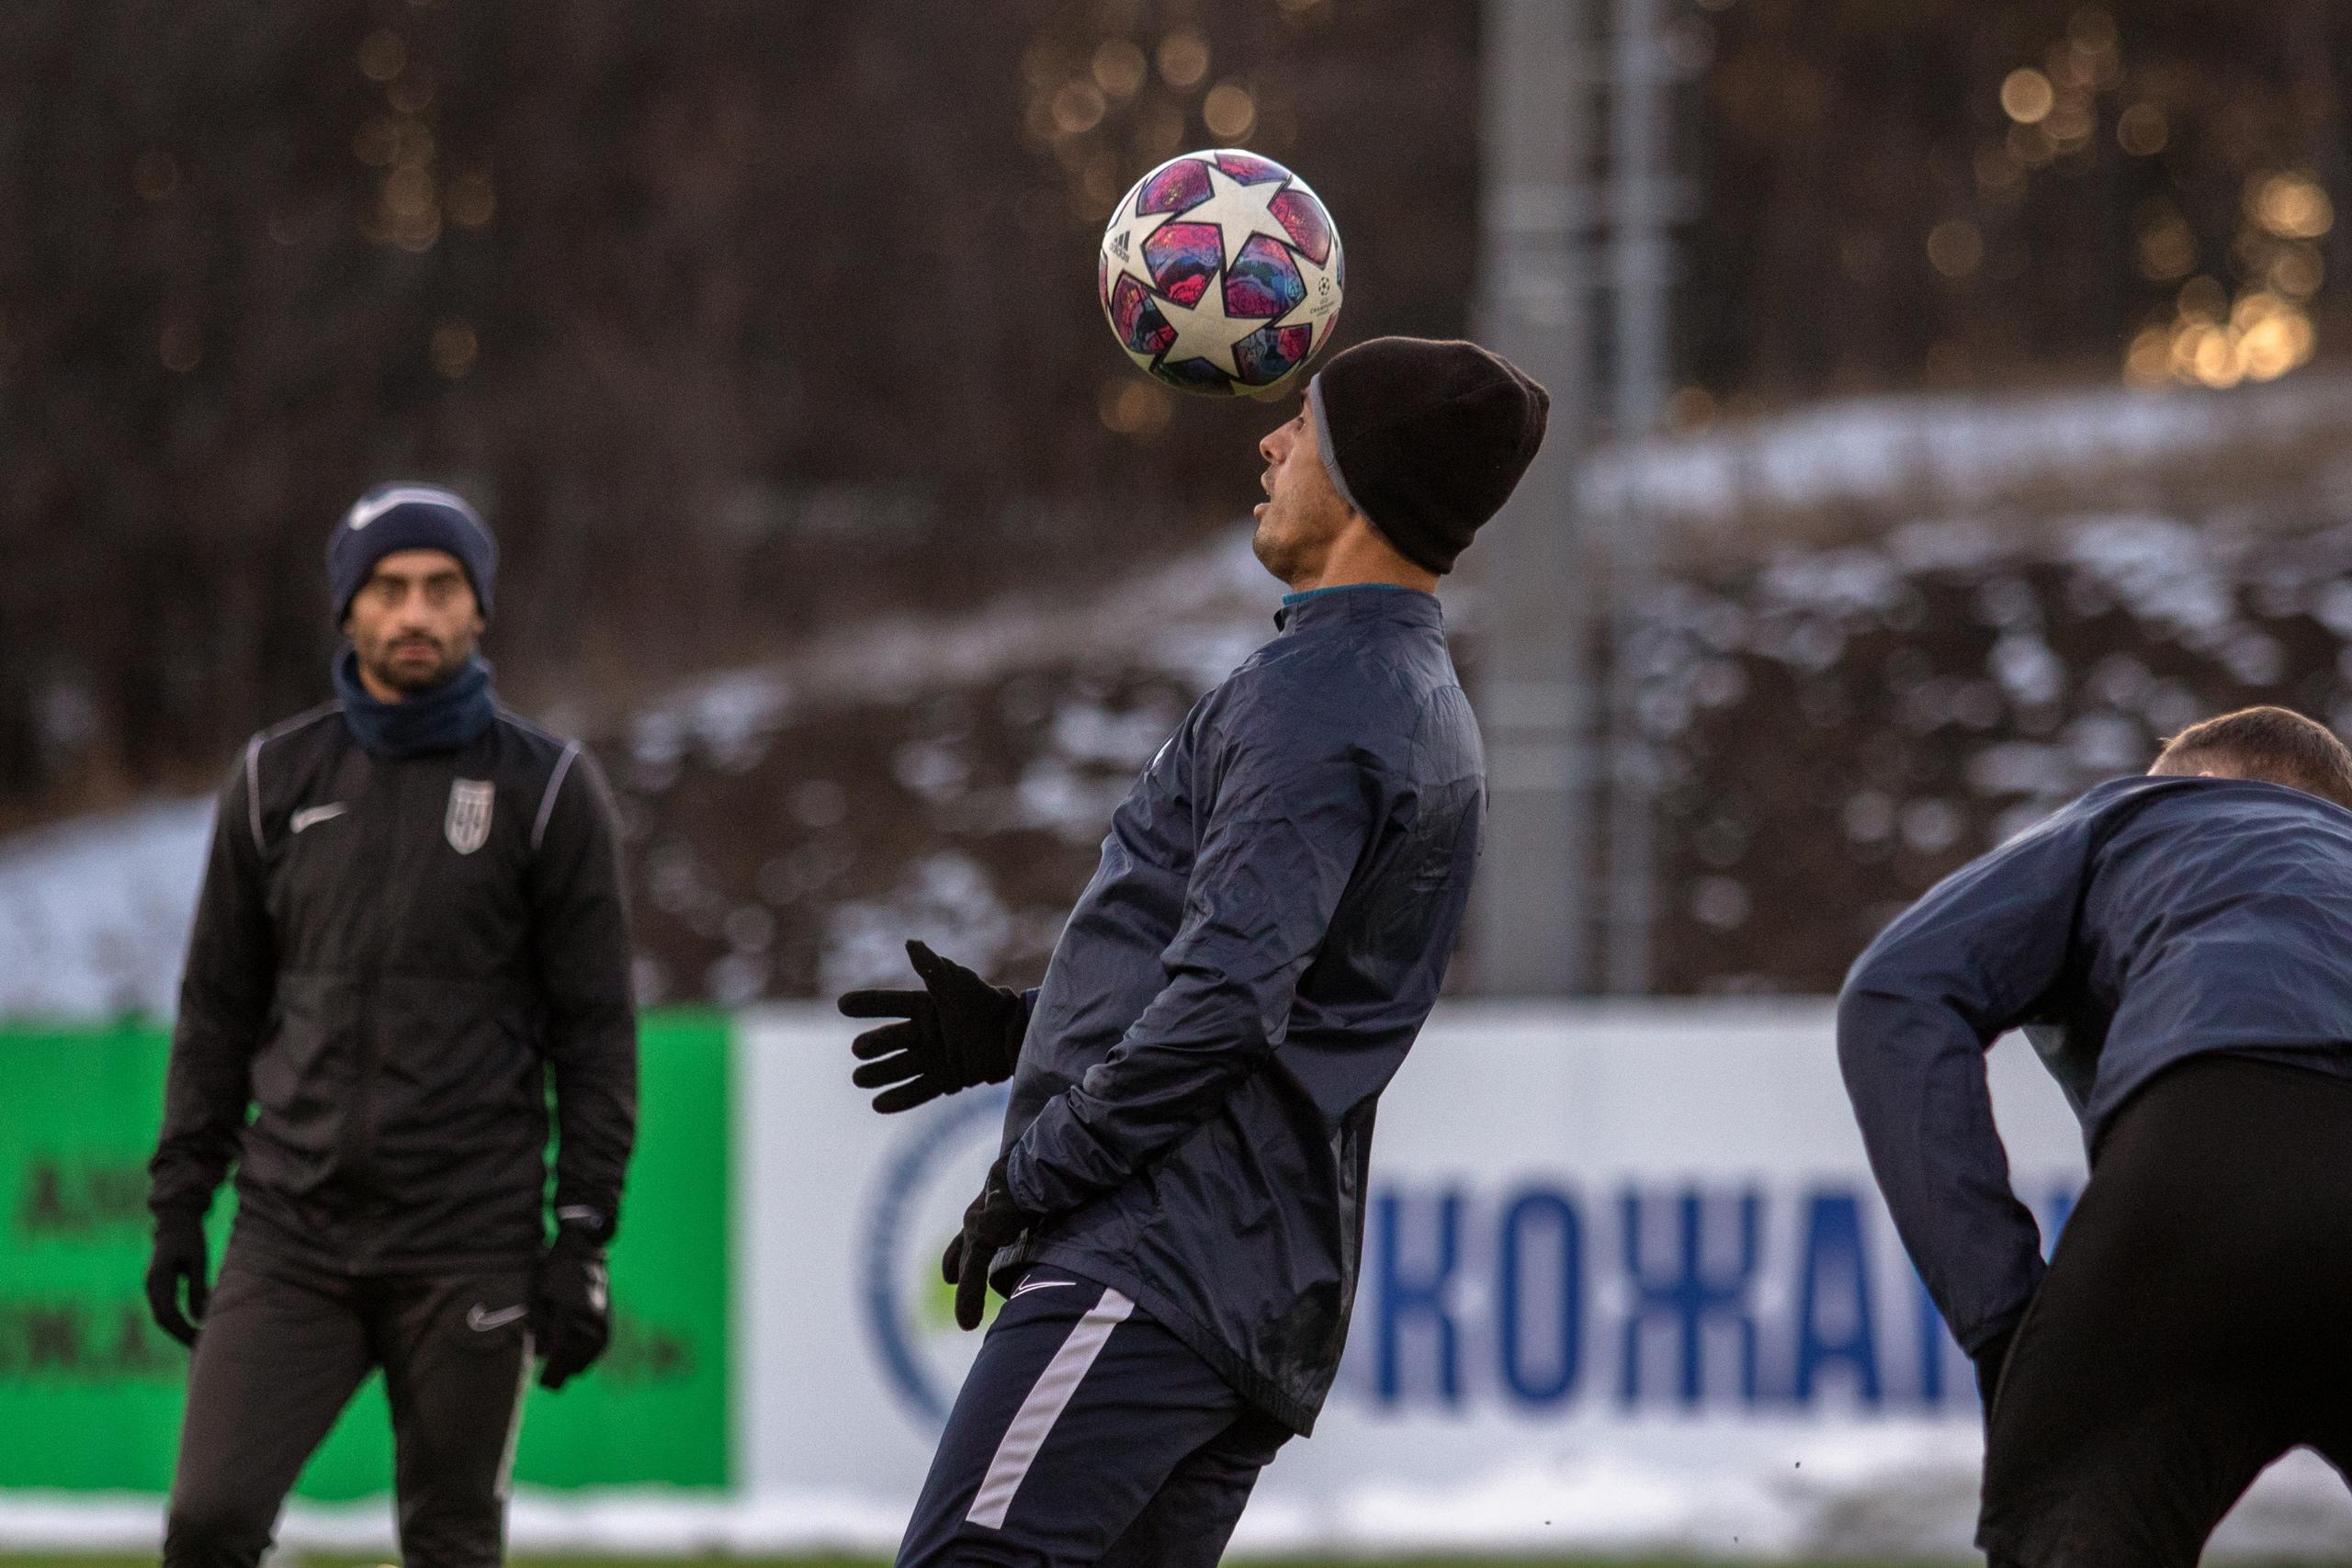 Сергей Крамаренко: «Очень жду начала чемпионата, как и вся команда», image #2